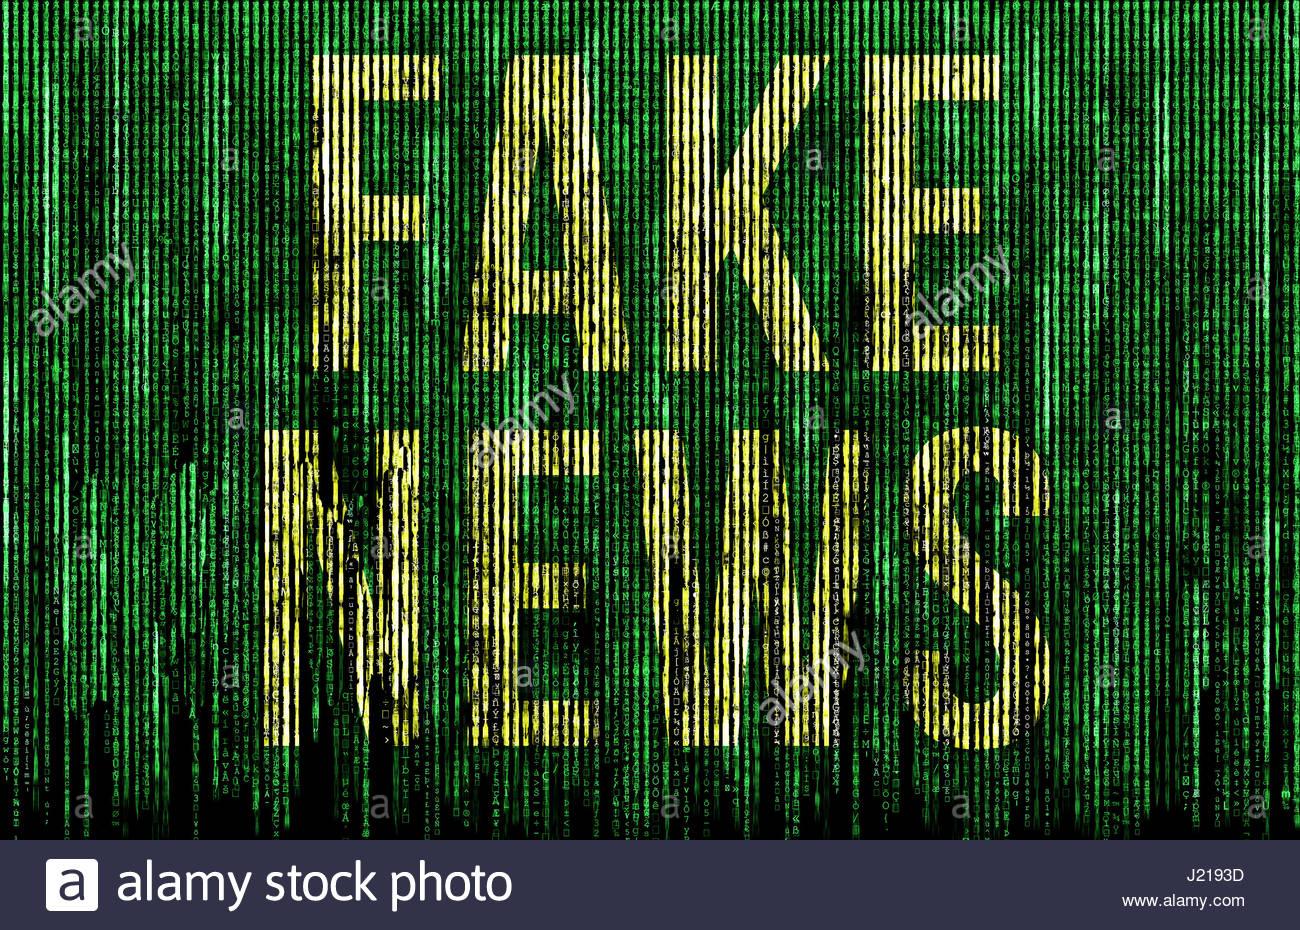 Fake News - matrice digitale illustrazione Immagini Stock